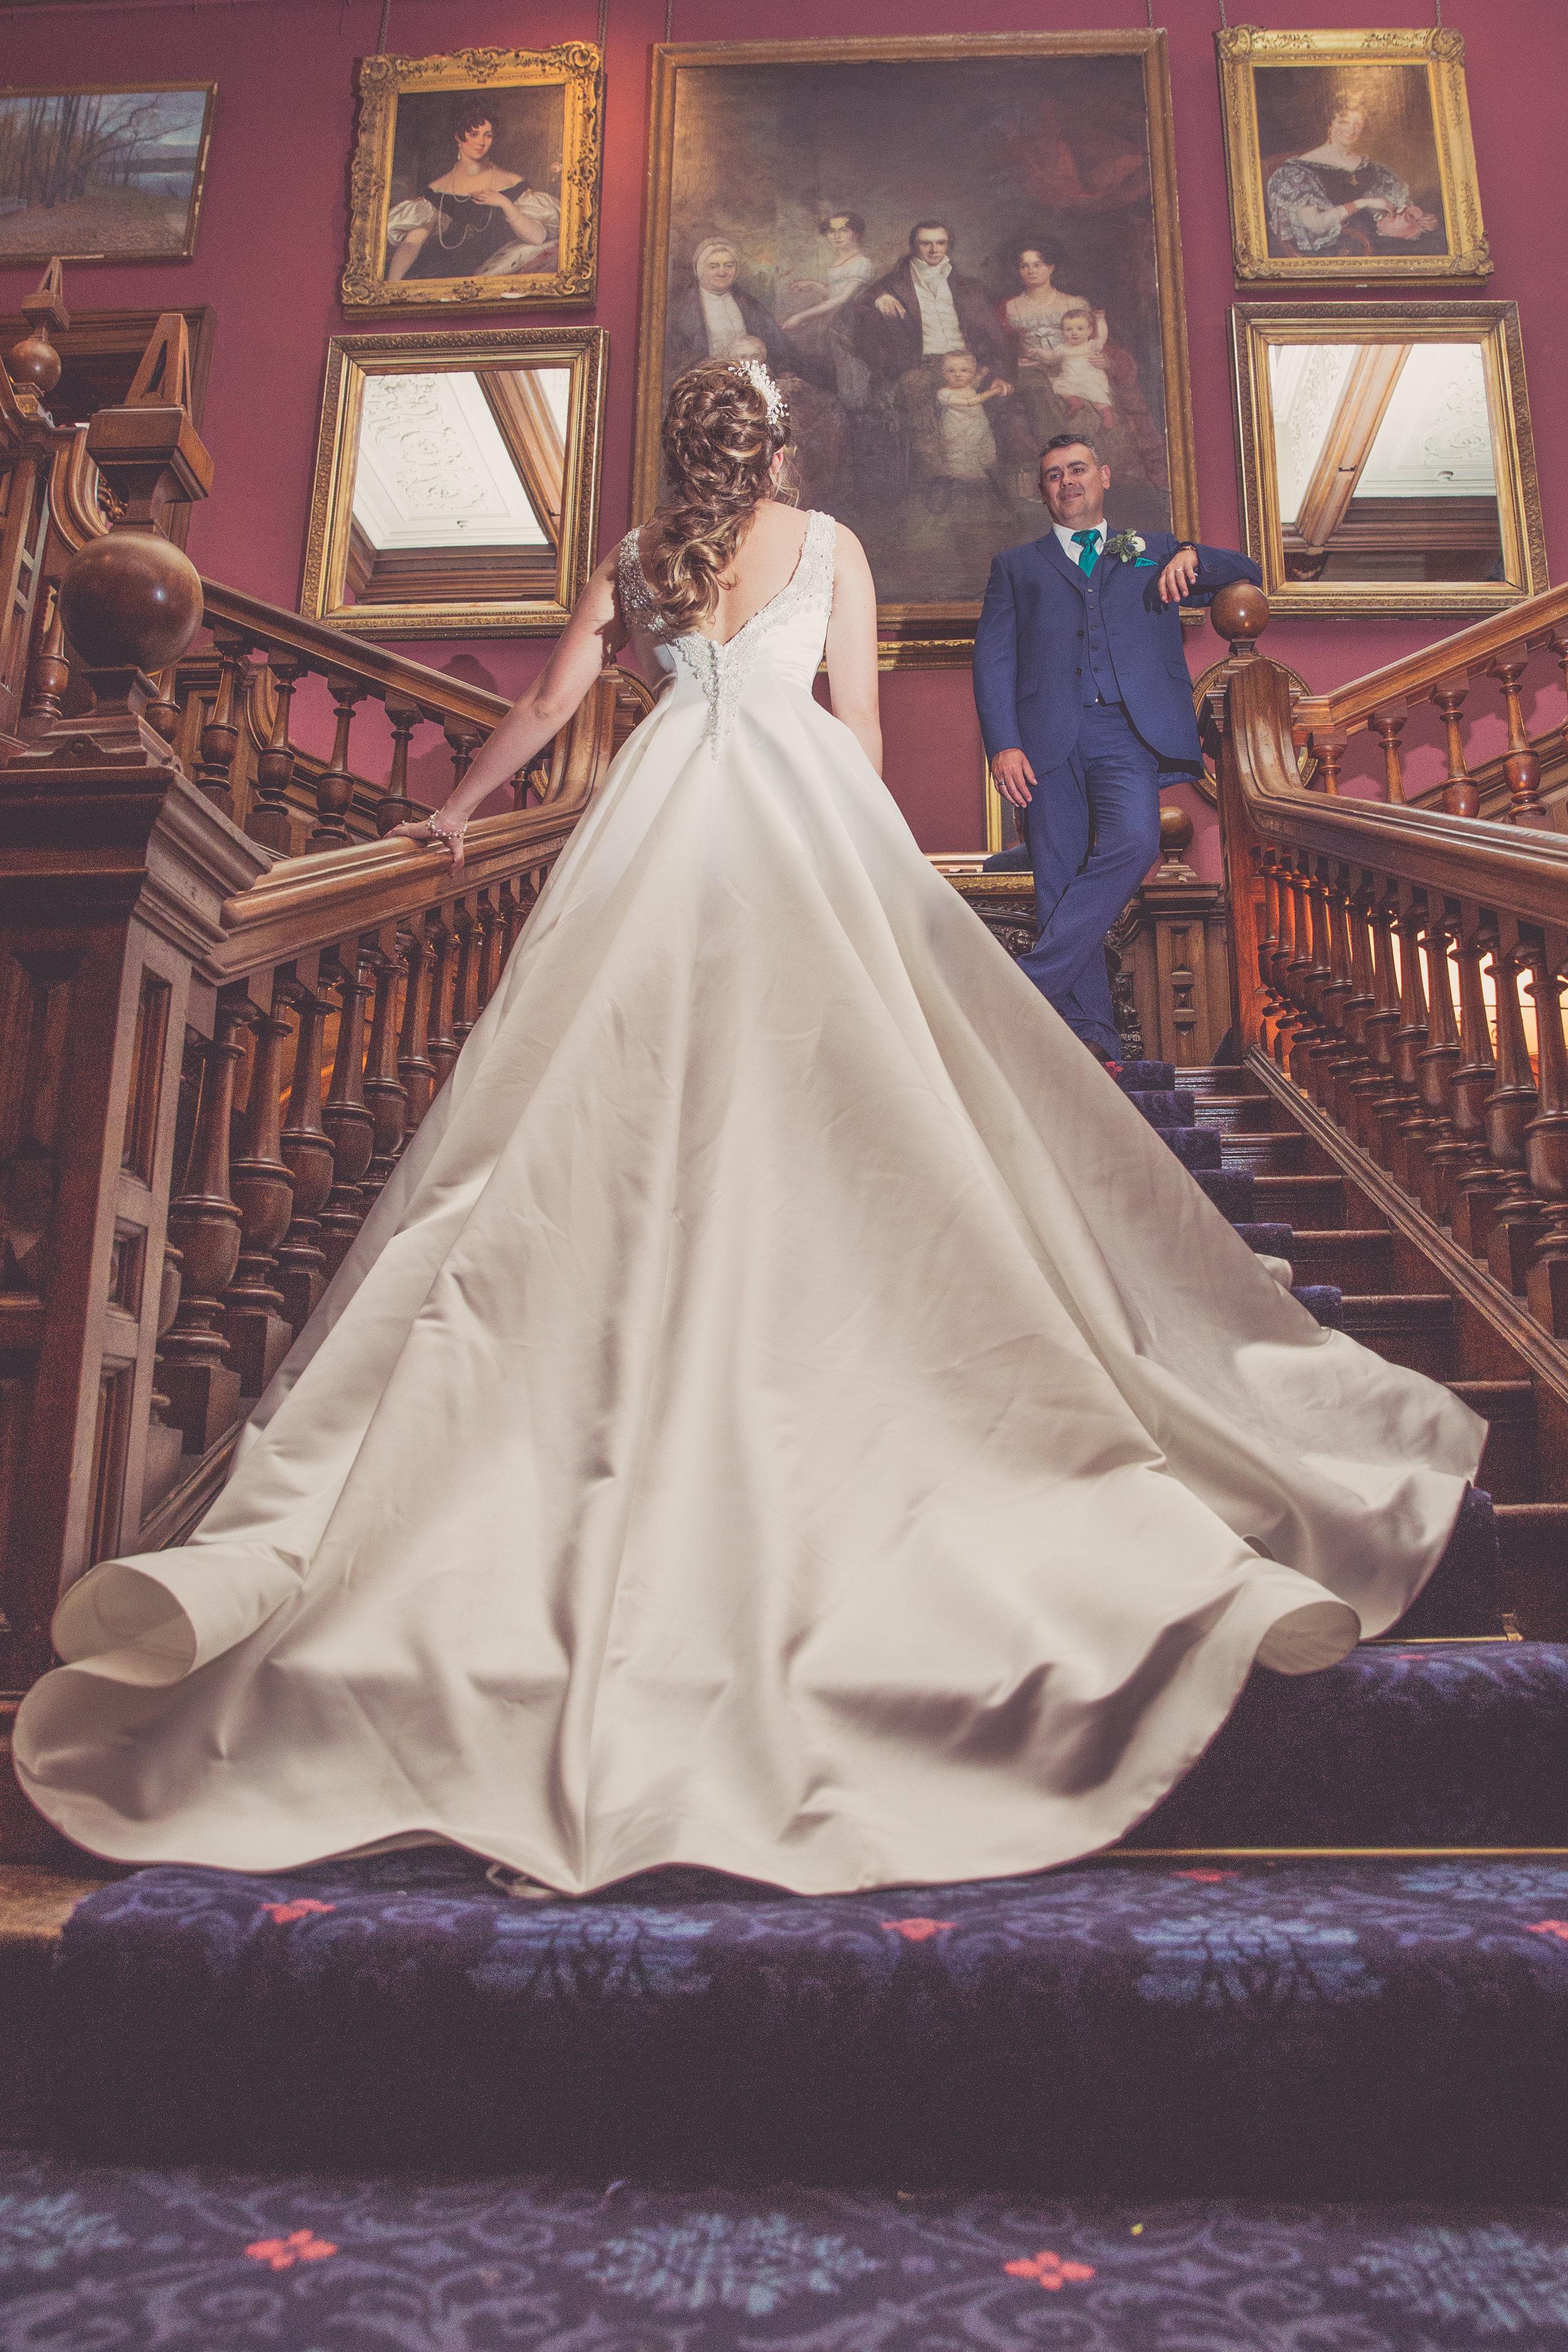 chilston-park-wedding-stair.jpeg